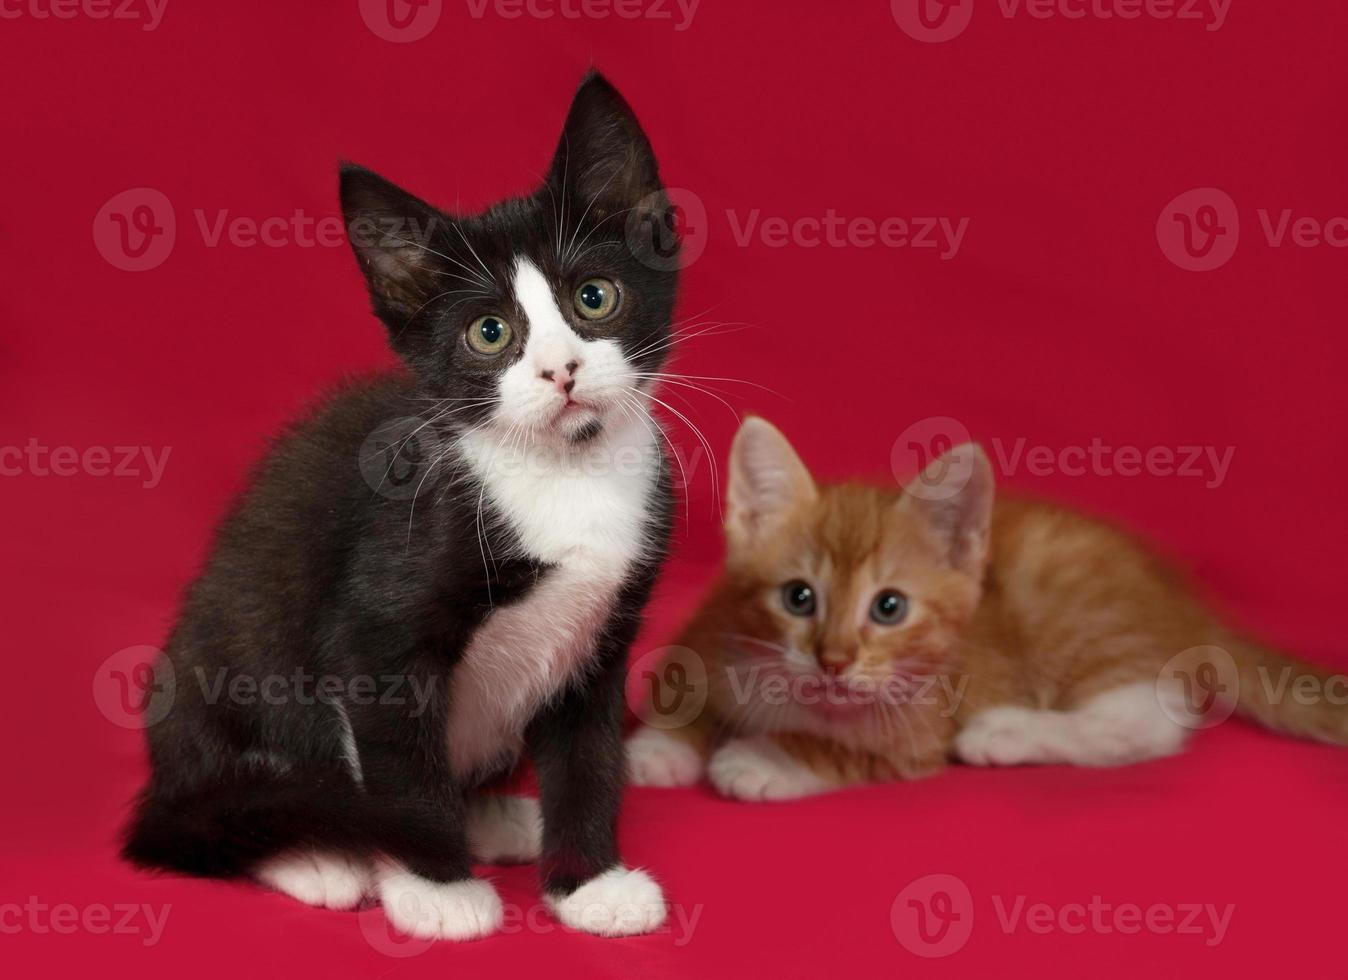 dois gatinho, preto e vermelho e branco sentado no vermelho foto